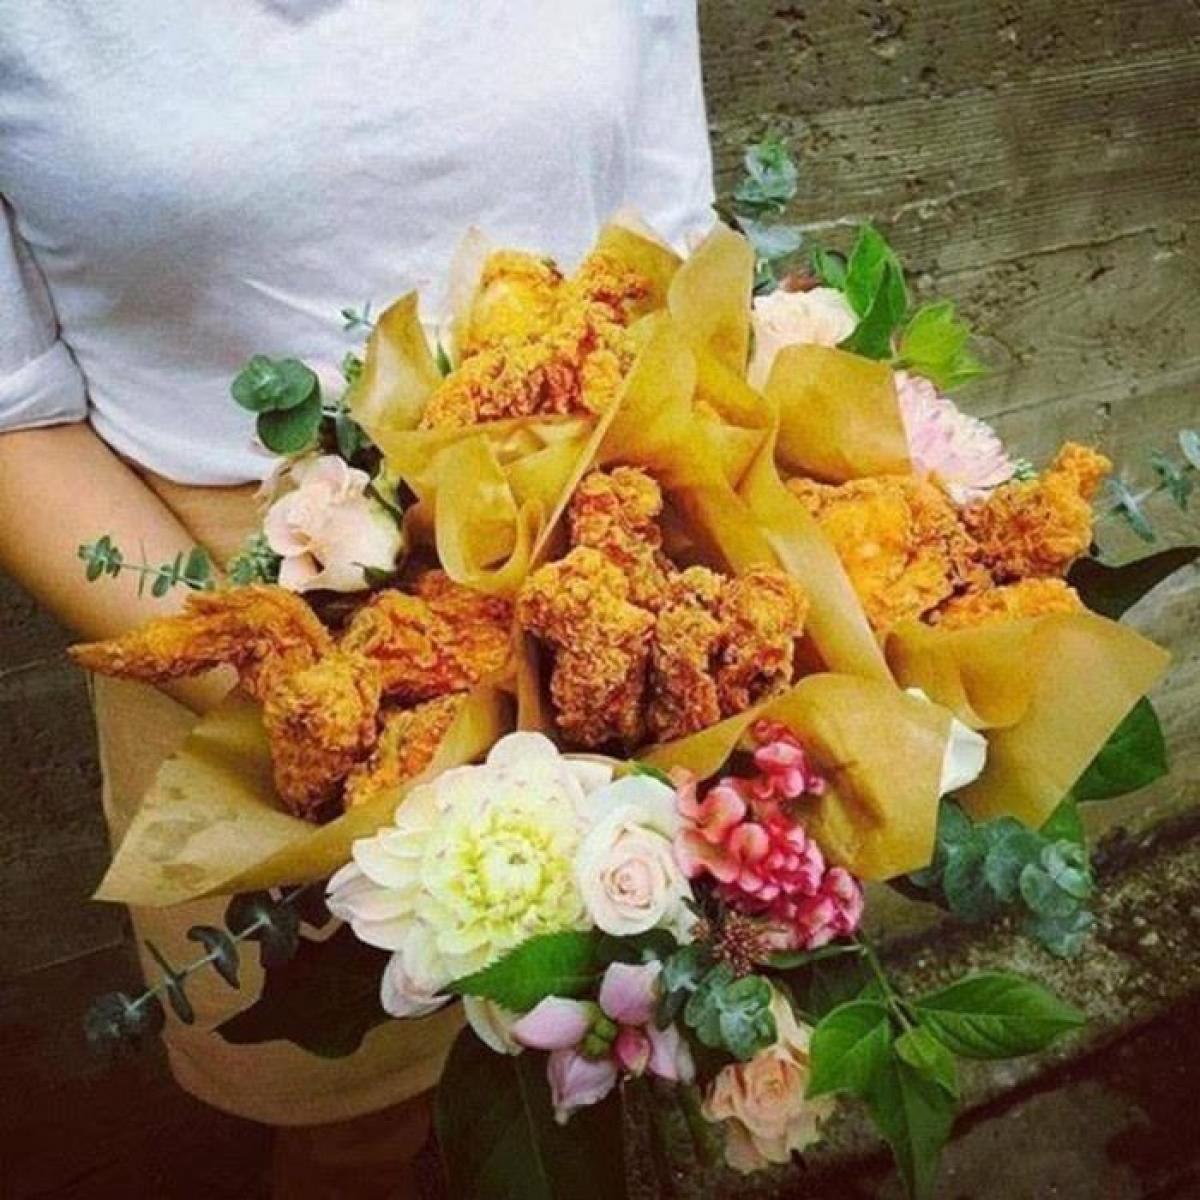 Các bó hoa từ đồ ăn trông rất bắt mắt.